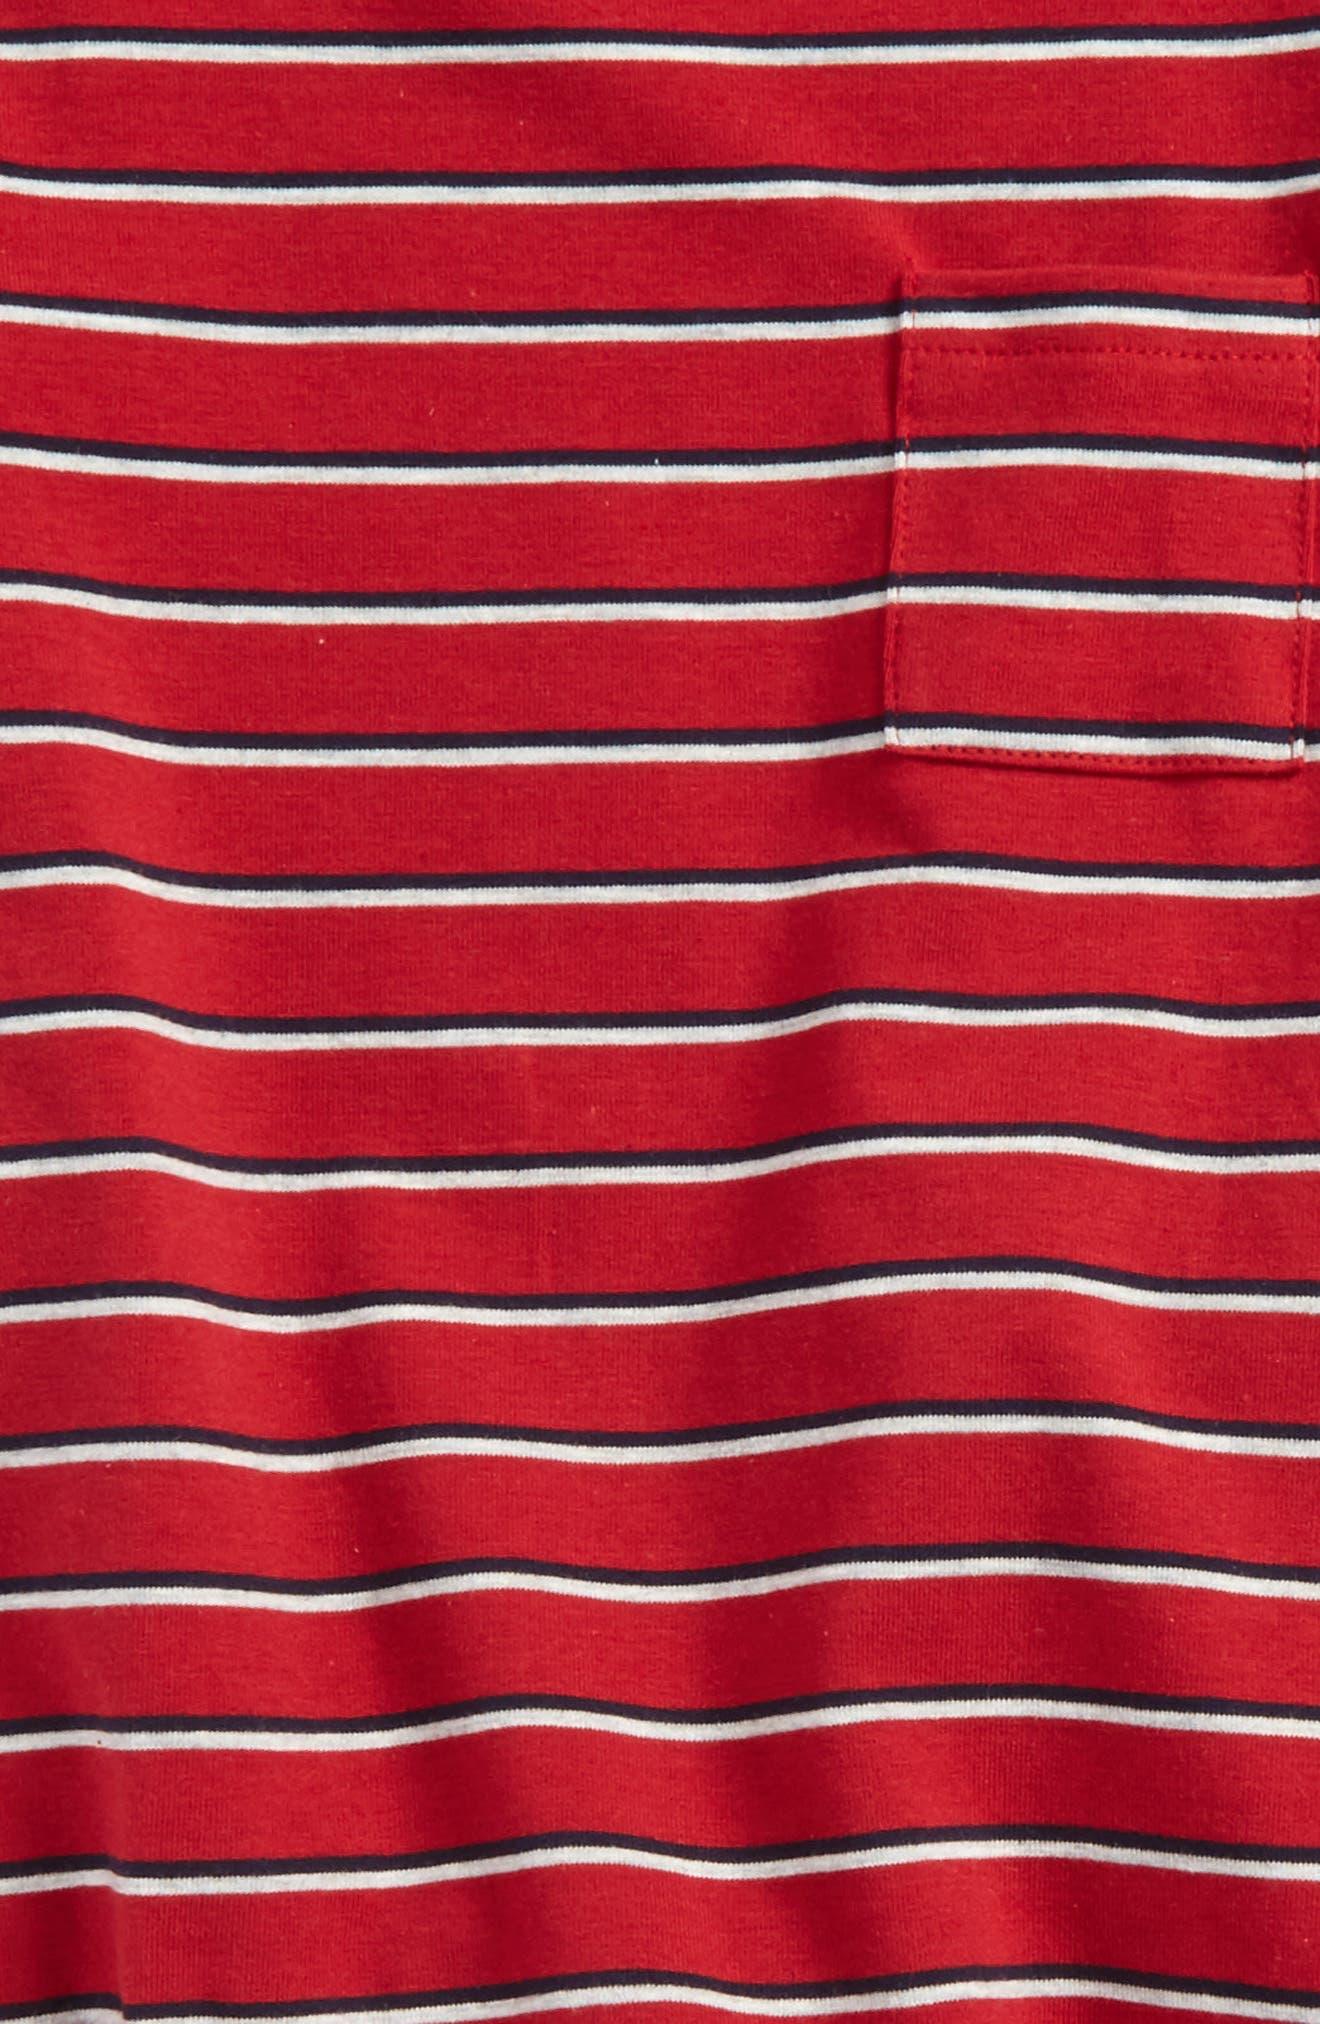 Stripe Shirt & Jeans Set,                             Alternate thumbnail 3, color,                             Pacific Wash